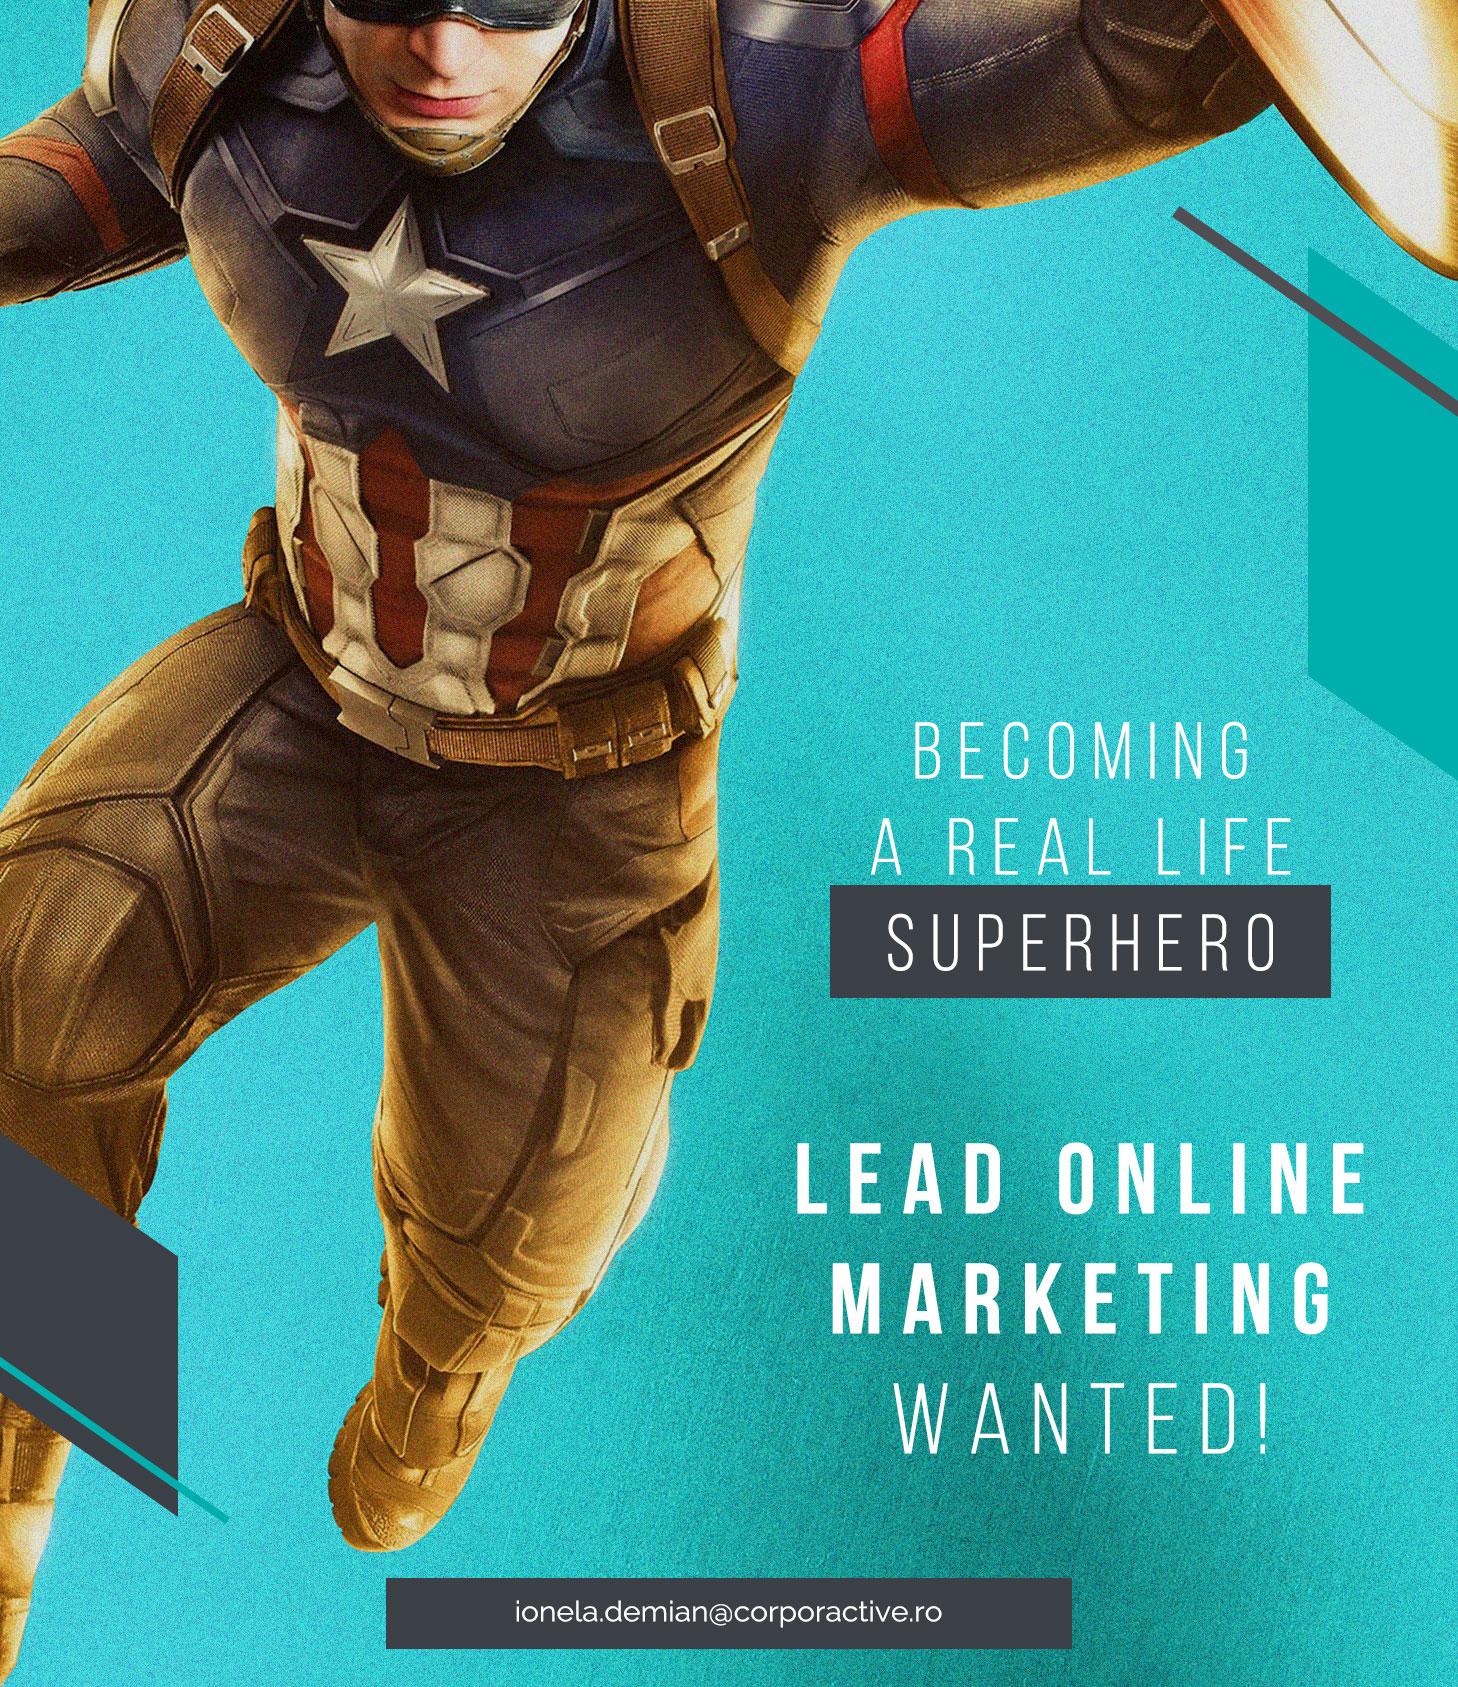 Lead Online Marketing